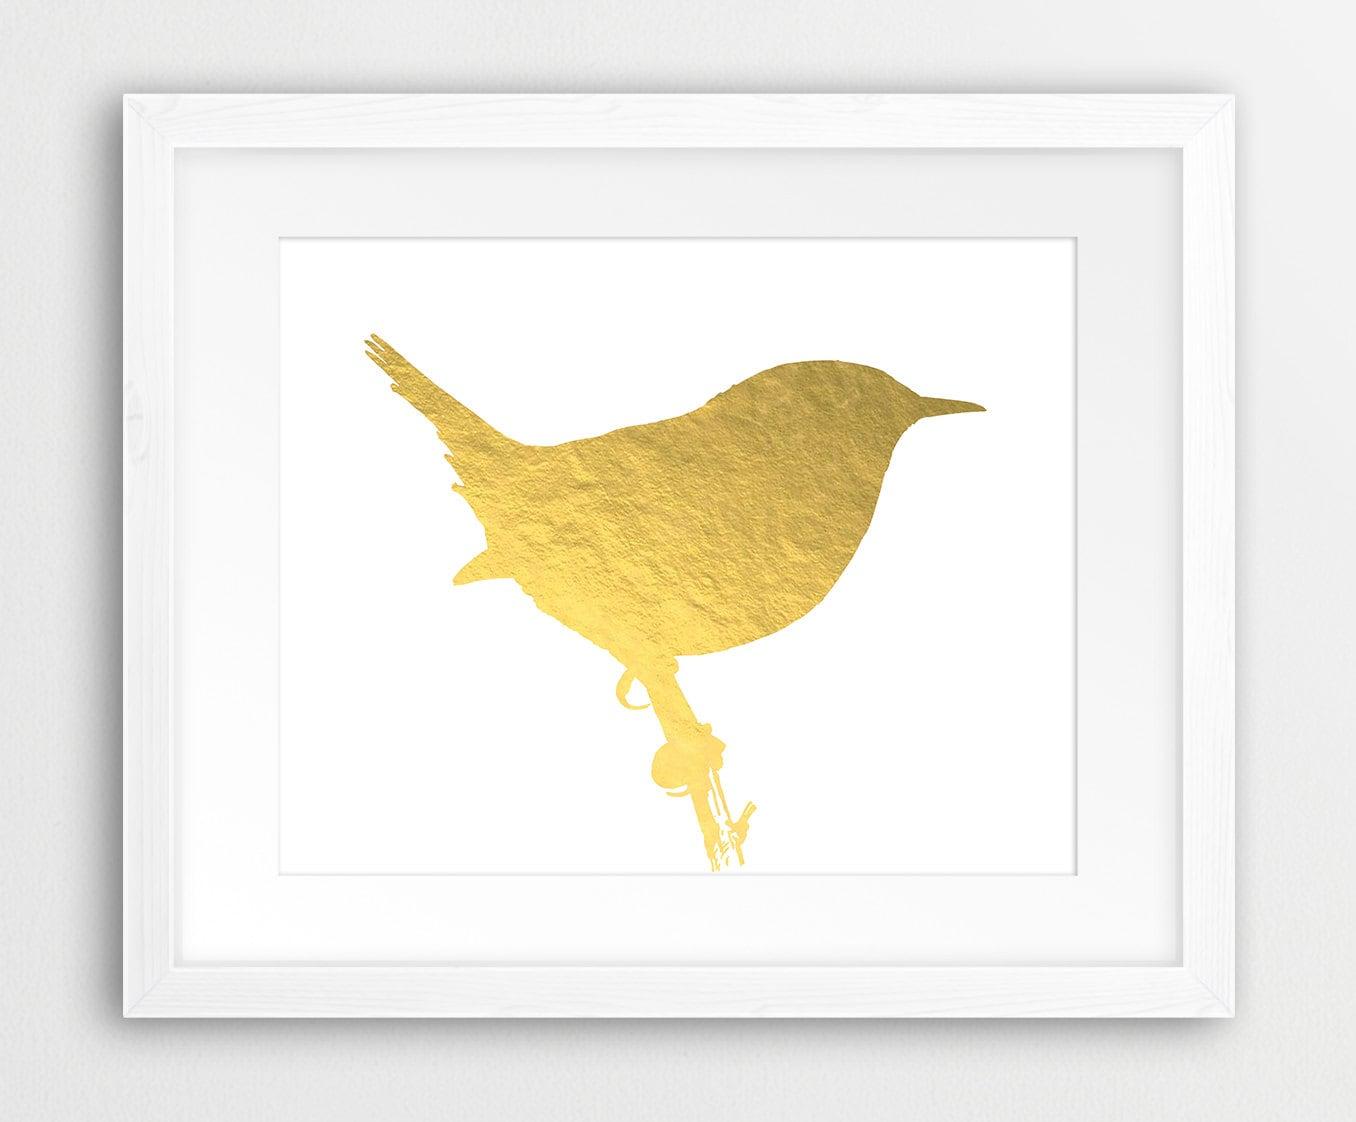 Gold Bird Print Bird Silhouette Gold Foil Texture Gold Bird   Etsy